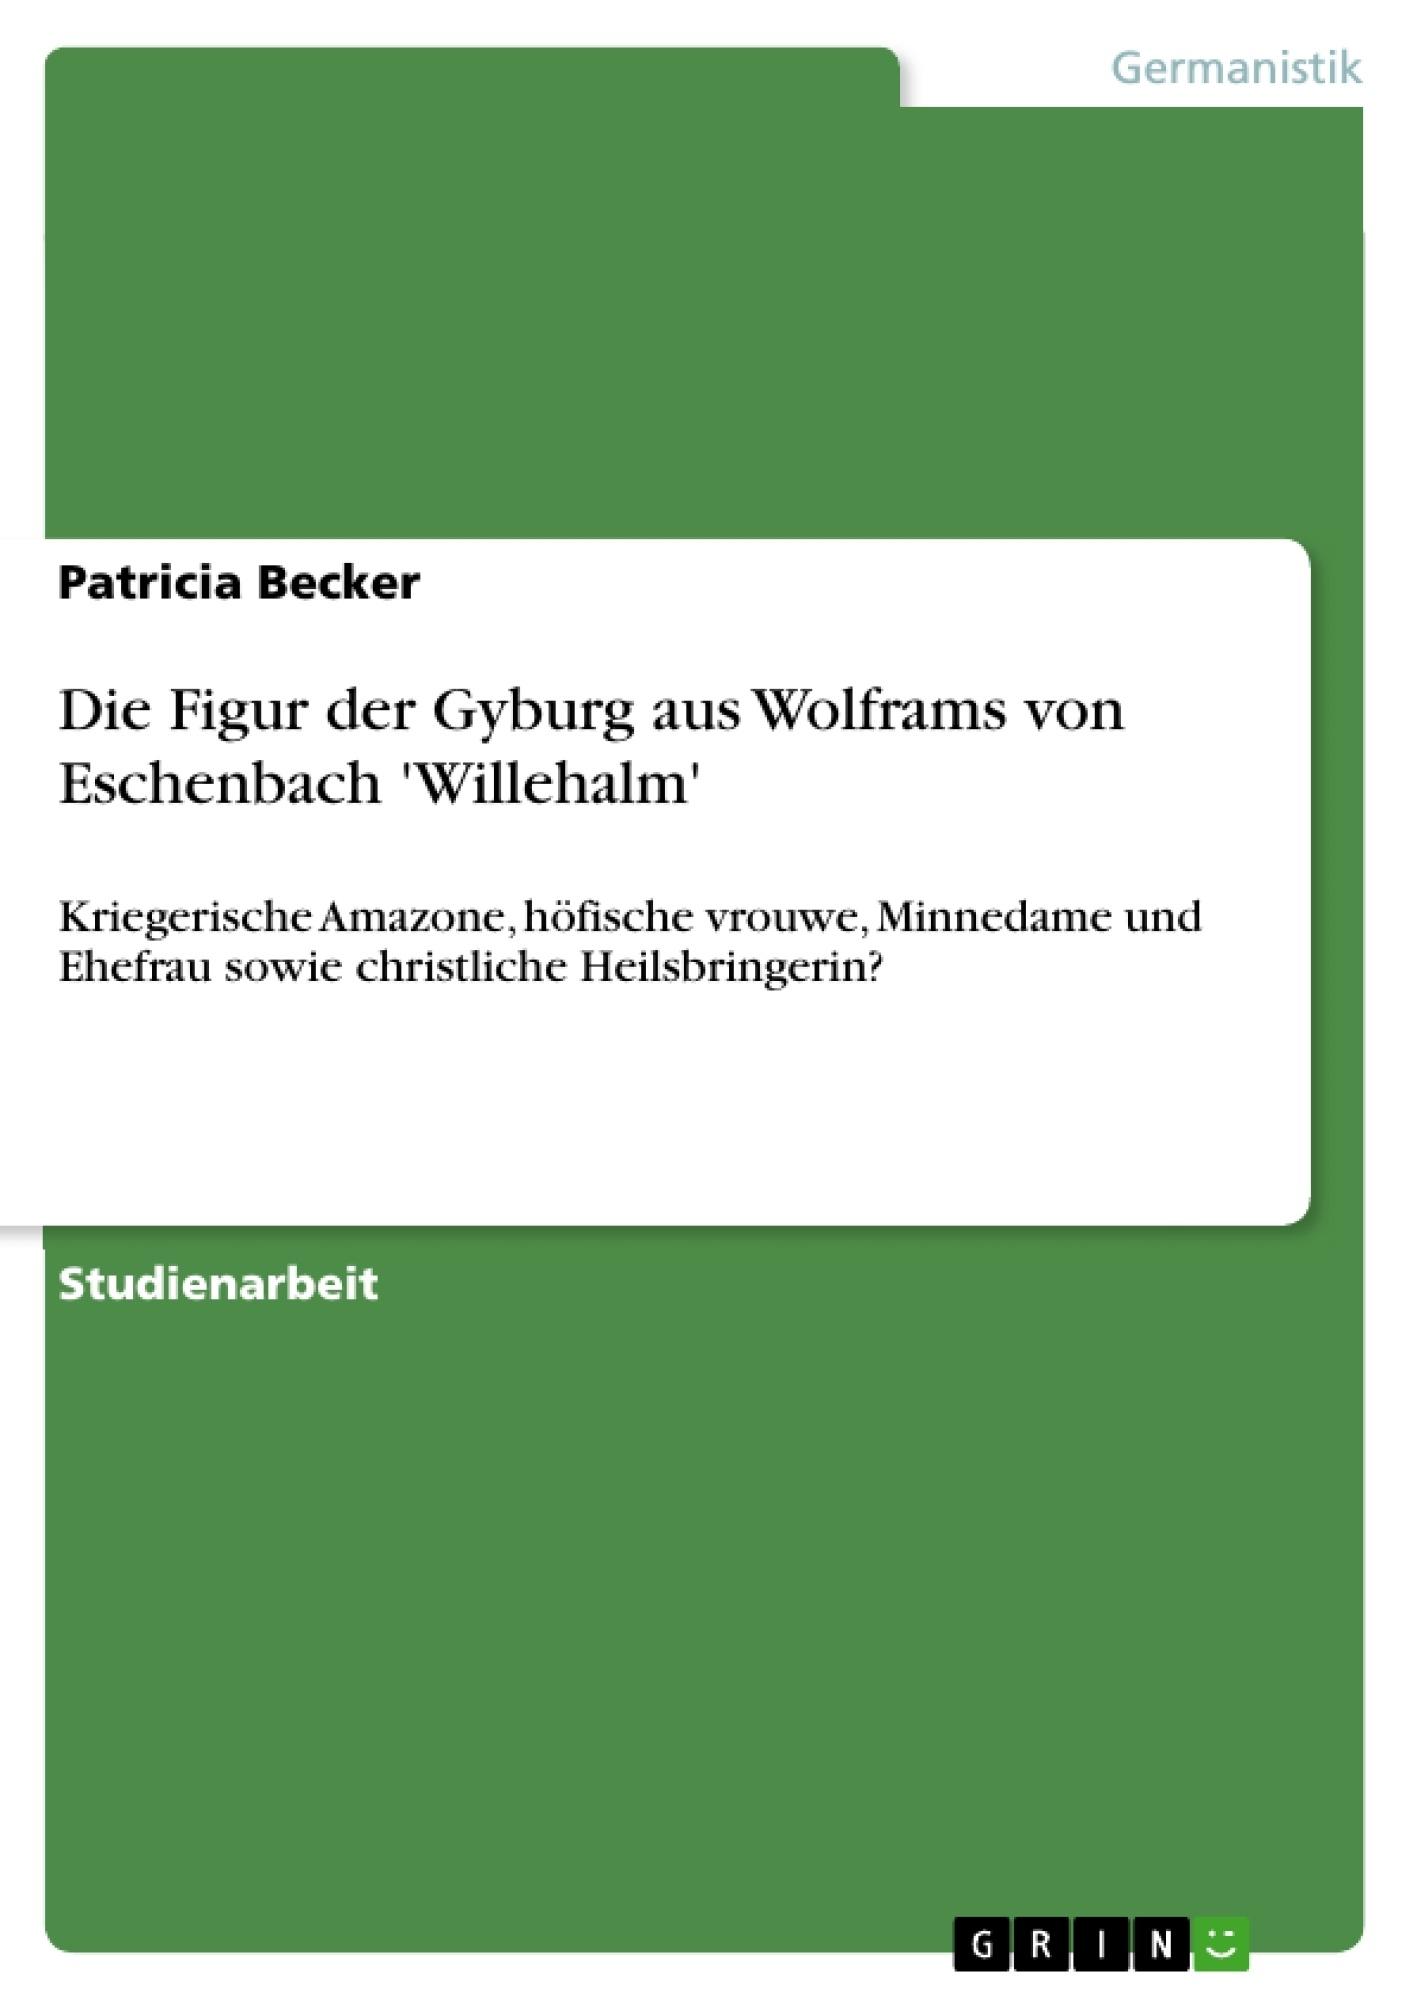 Titel: Die Figur der Gyburg aus Wolframs von Eschenbach 'Willehalm'